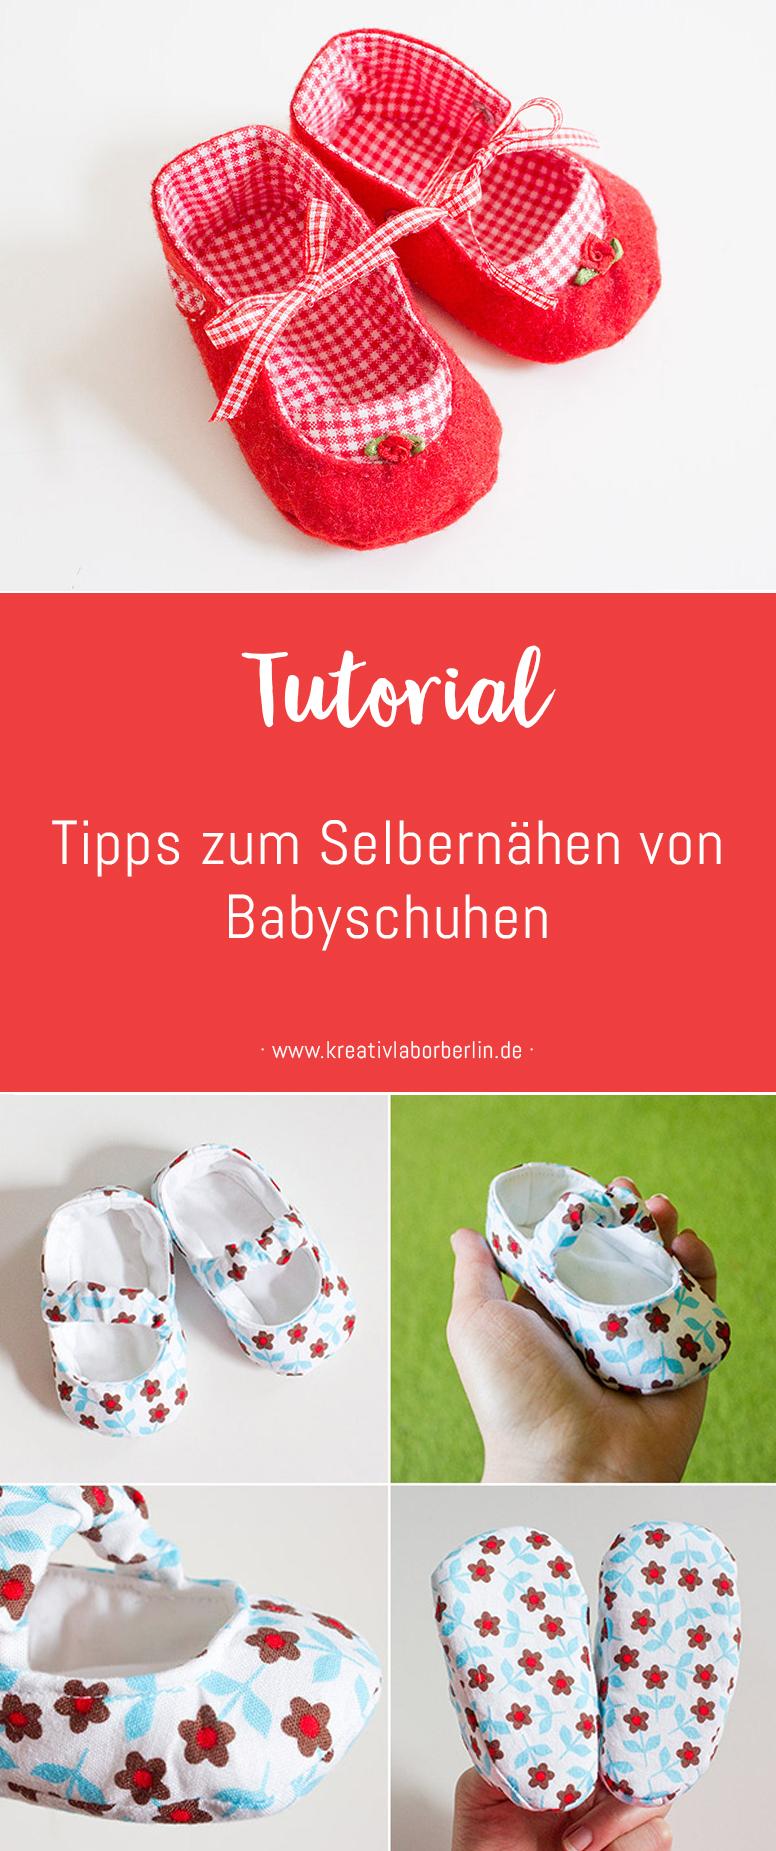 Tipps zum Selbernähen von Babyschuhen